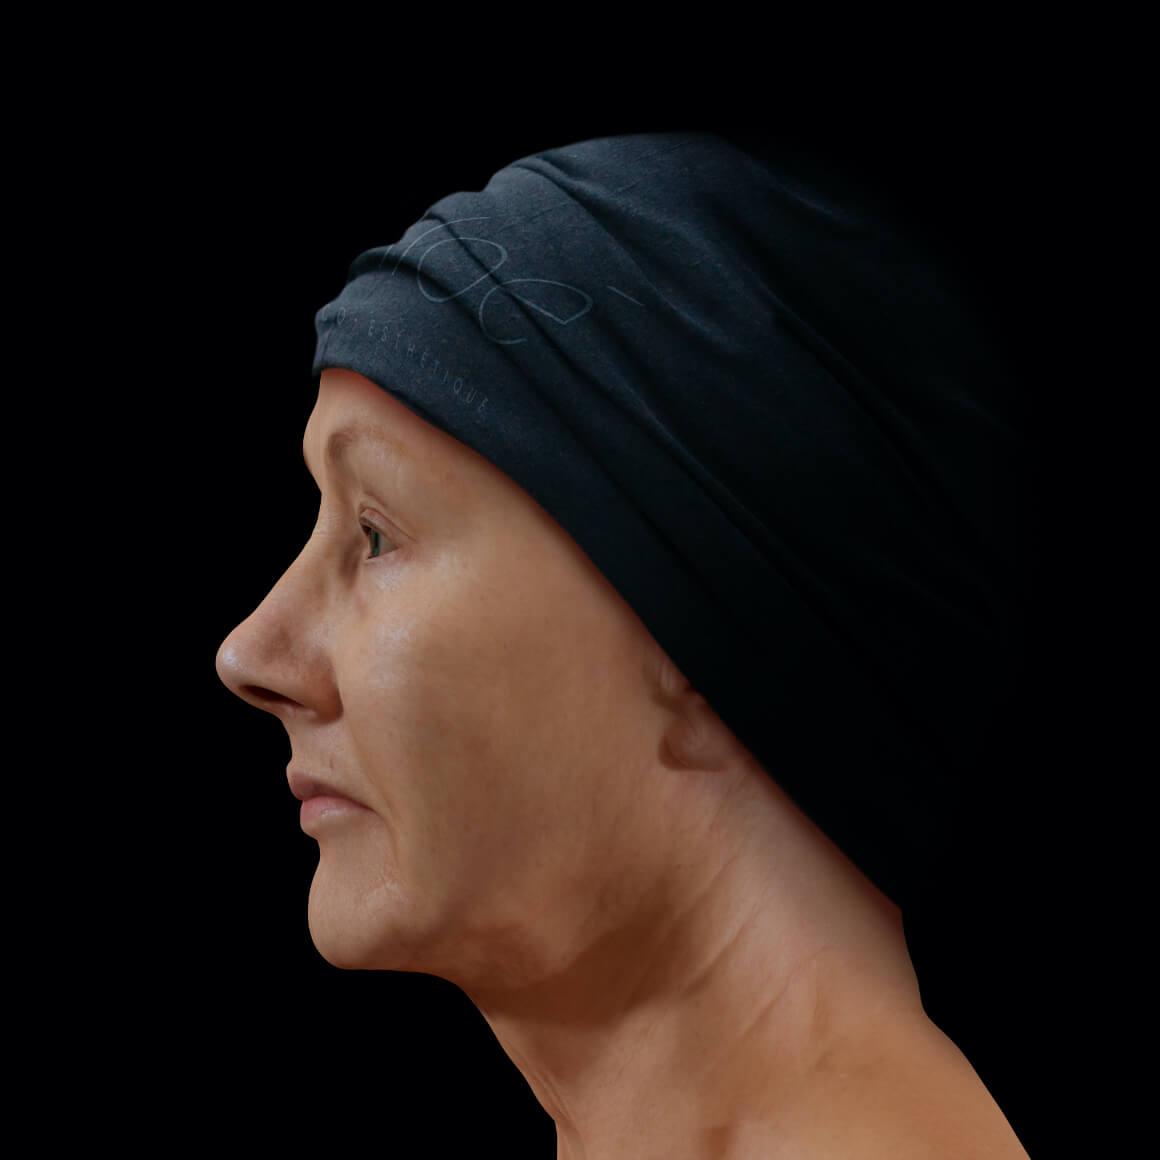 Femme patiente à la Clinique Chloé vue de côté après des traitements laser Smoothliftin pour le raffermissement du visage